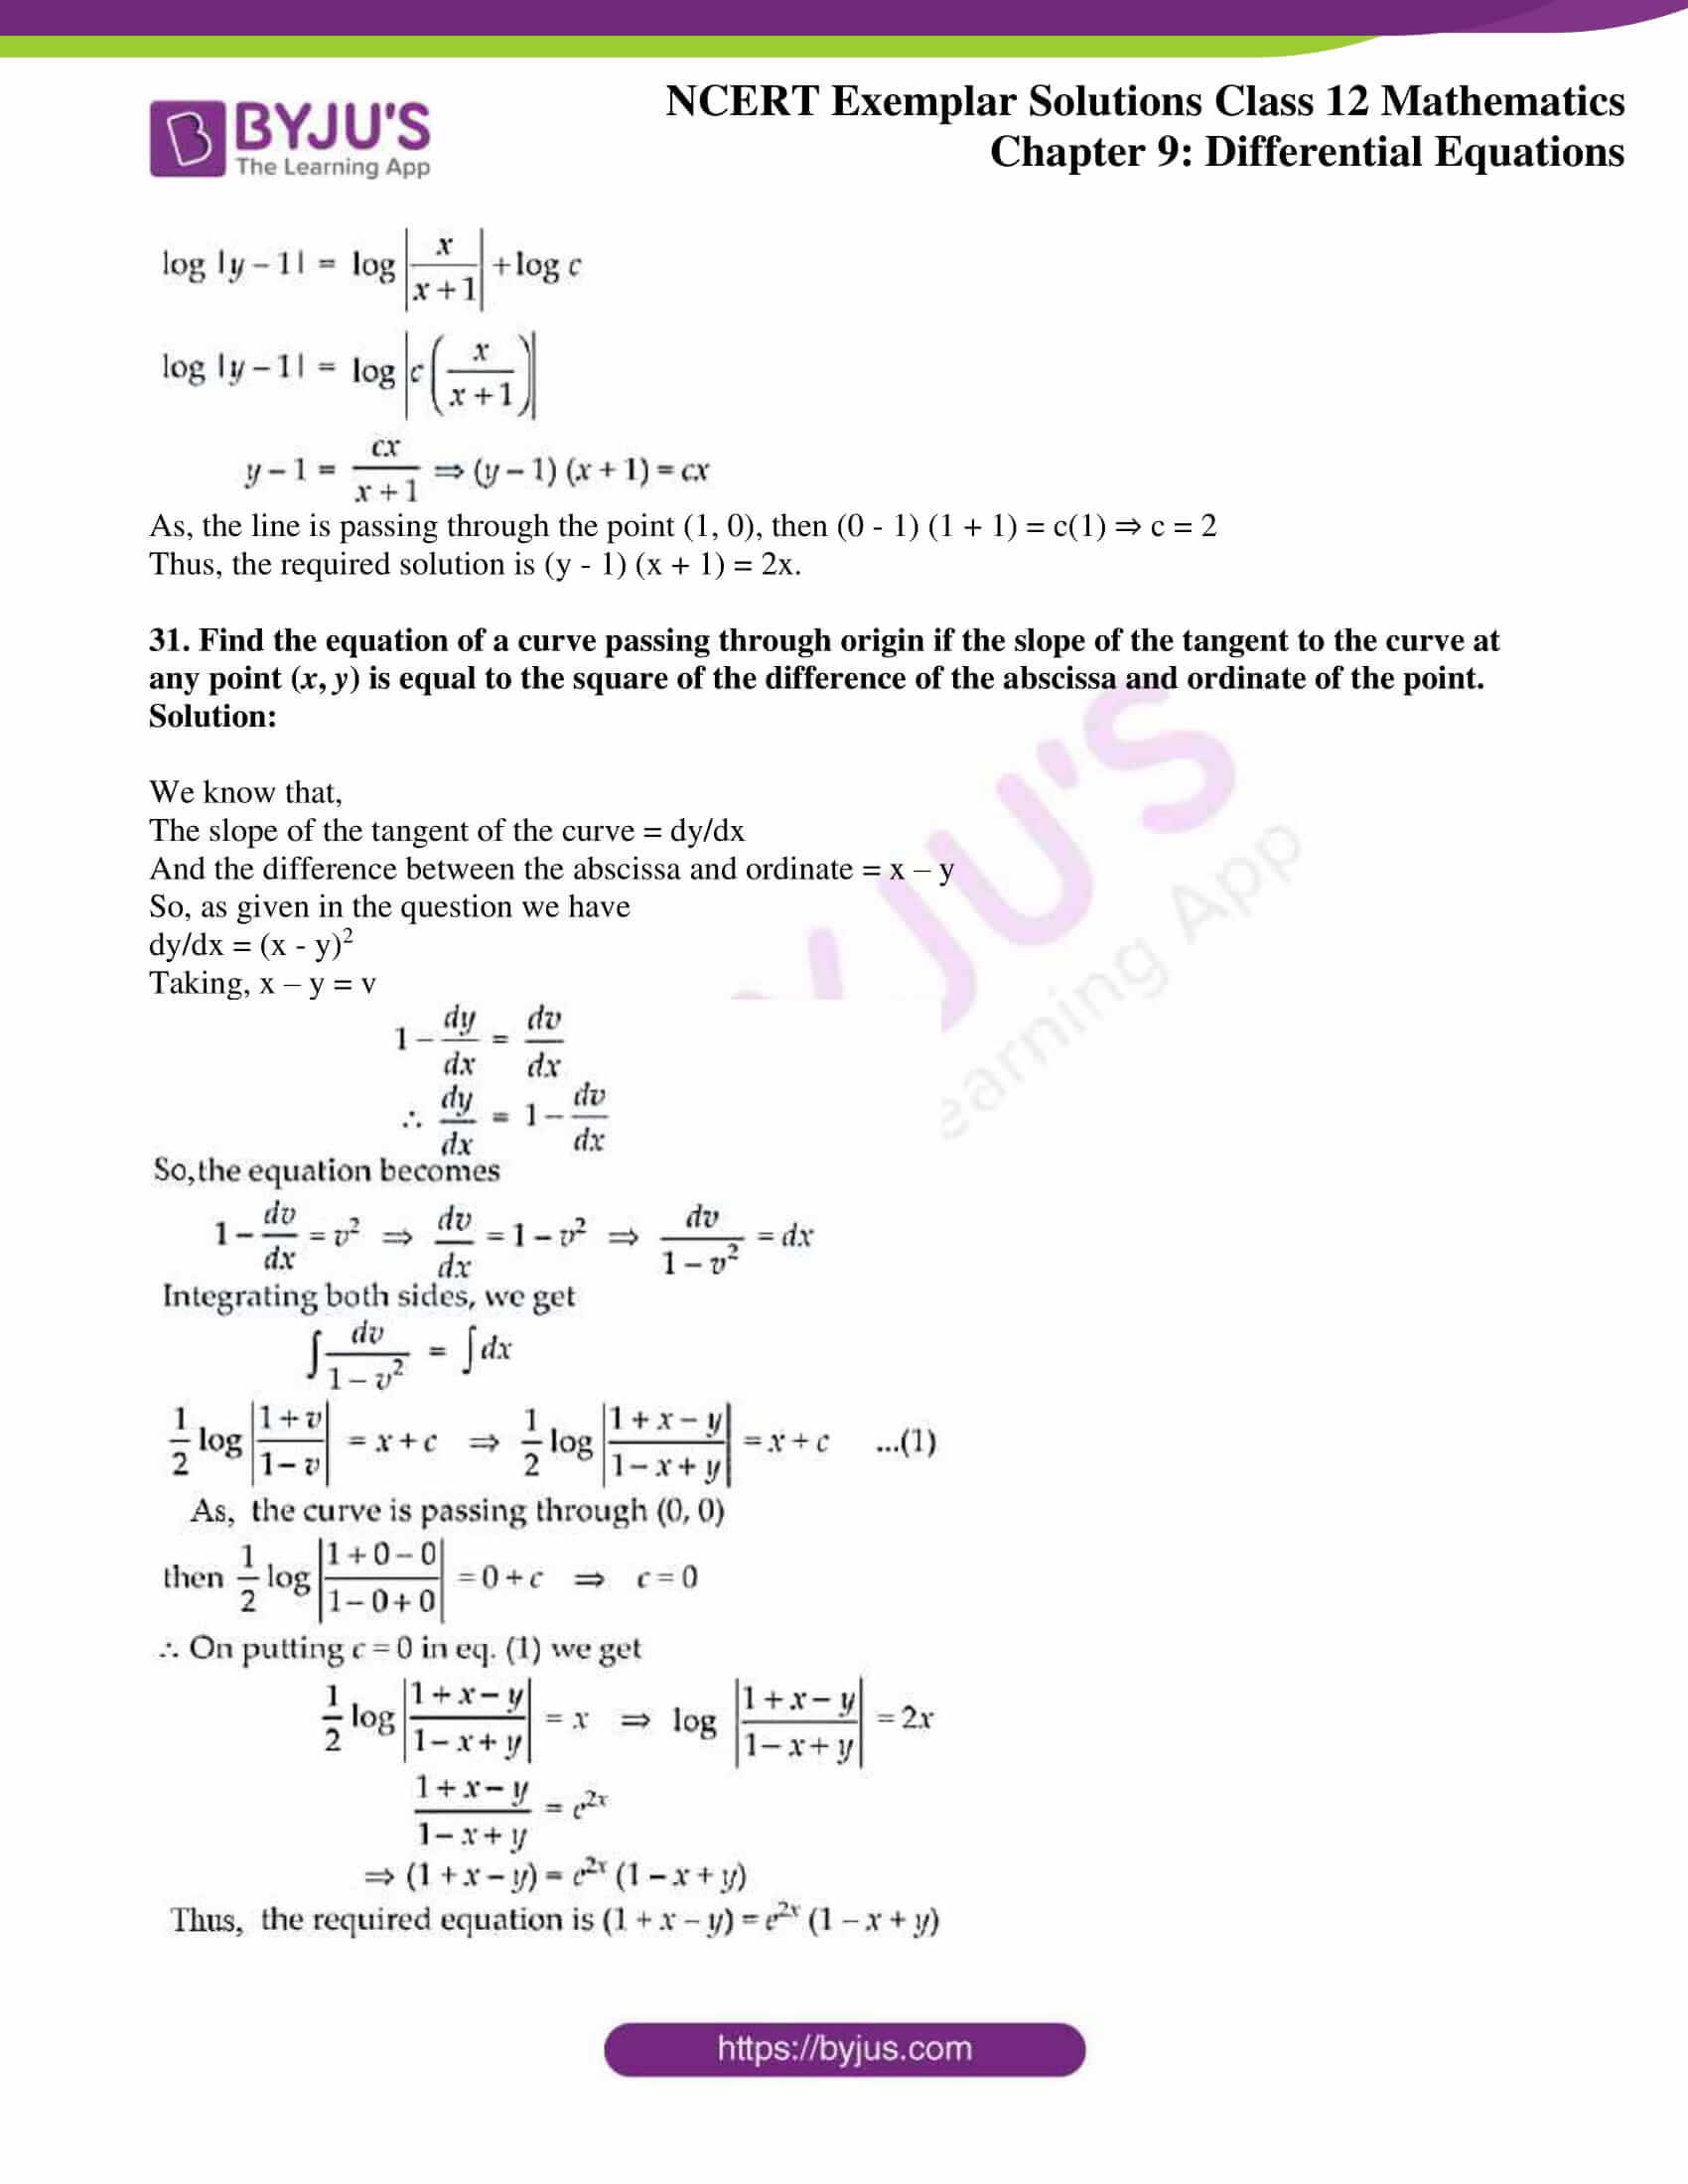 ncert exemplar sol class 12 mathematics ch 9 20